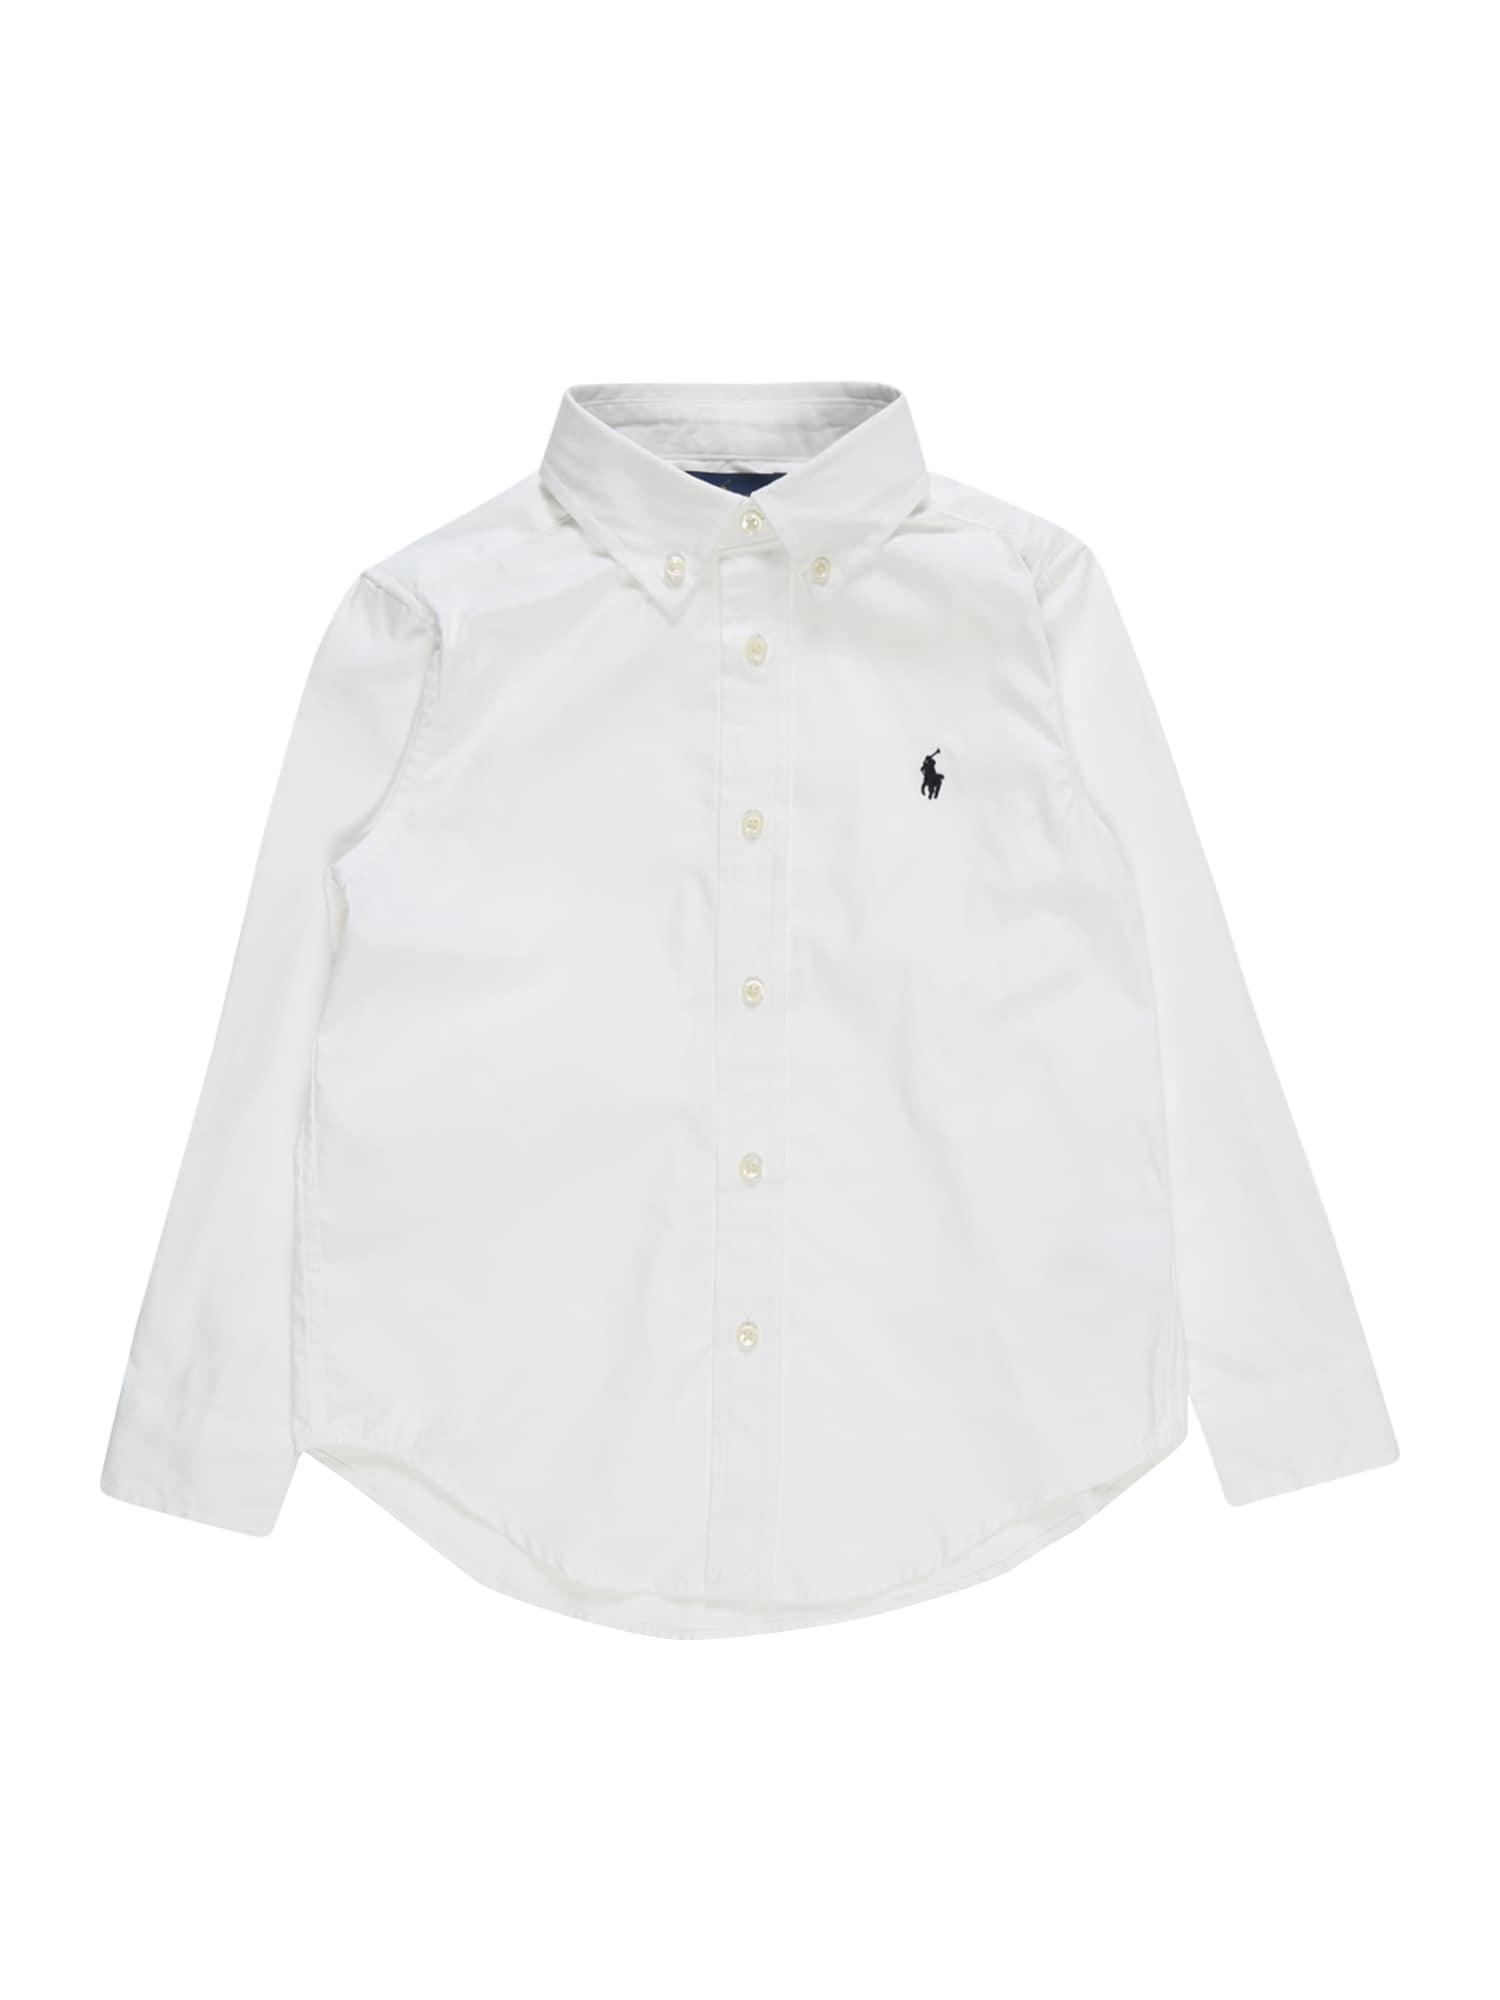 POLO RALPH LAUREN Dalykiniai marškiniai balta